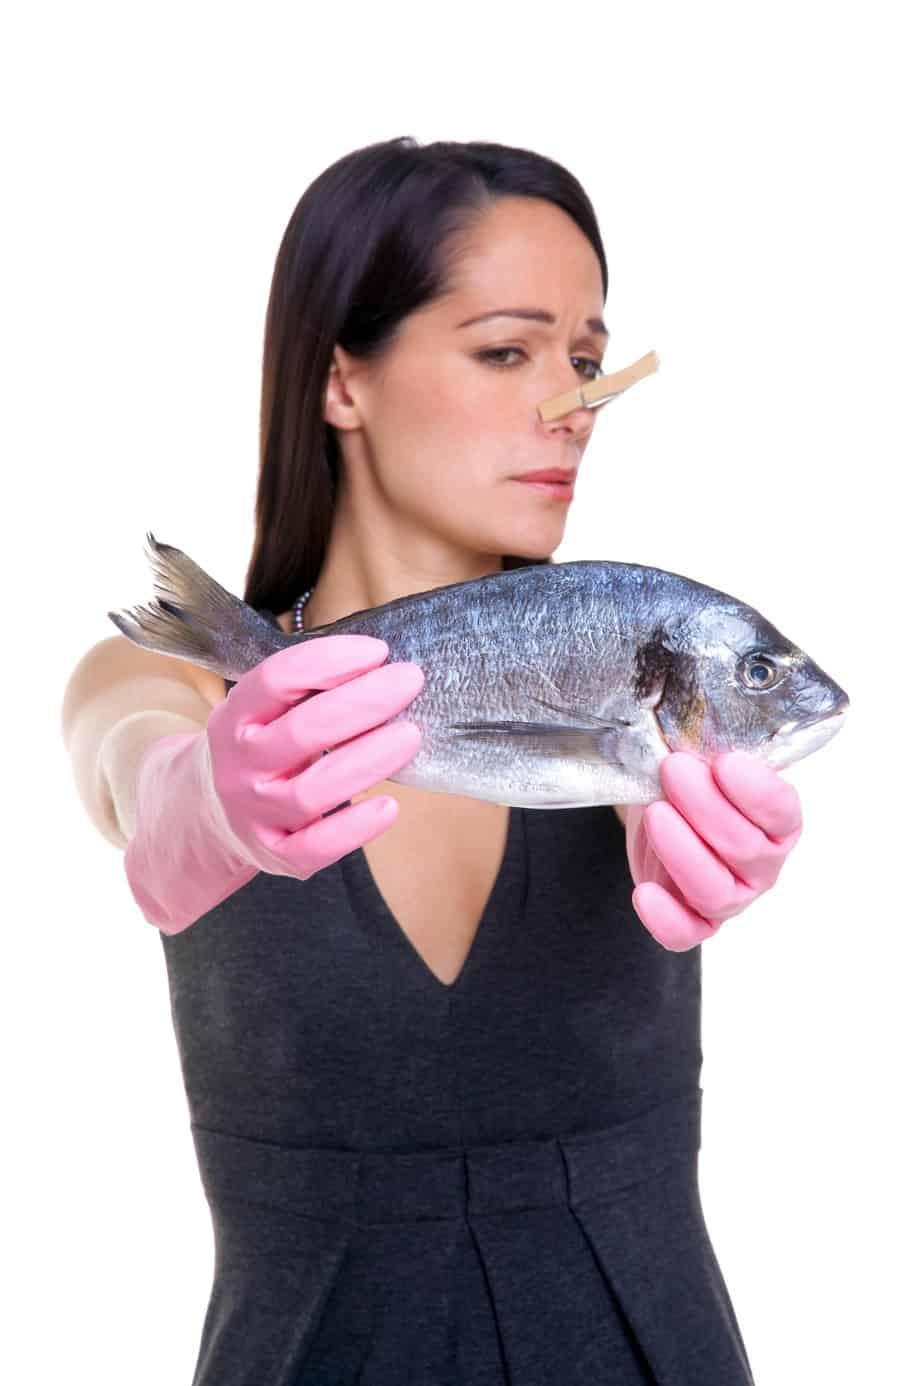 My urine smells like fish